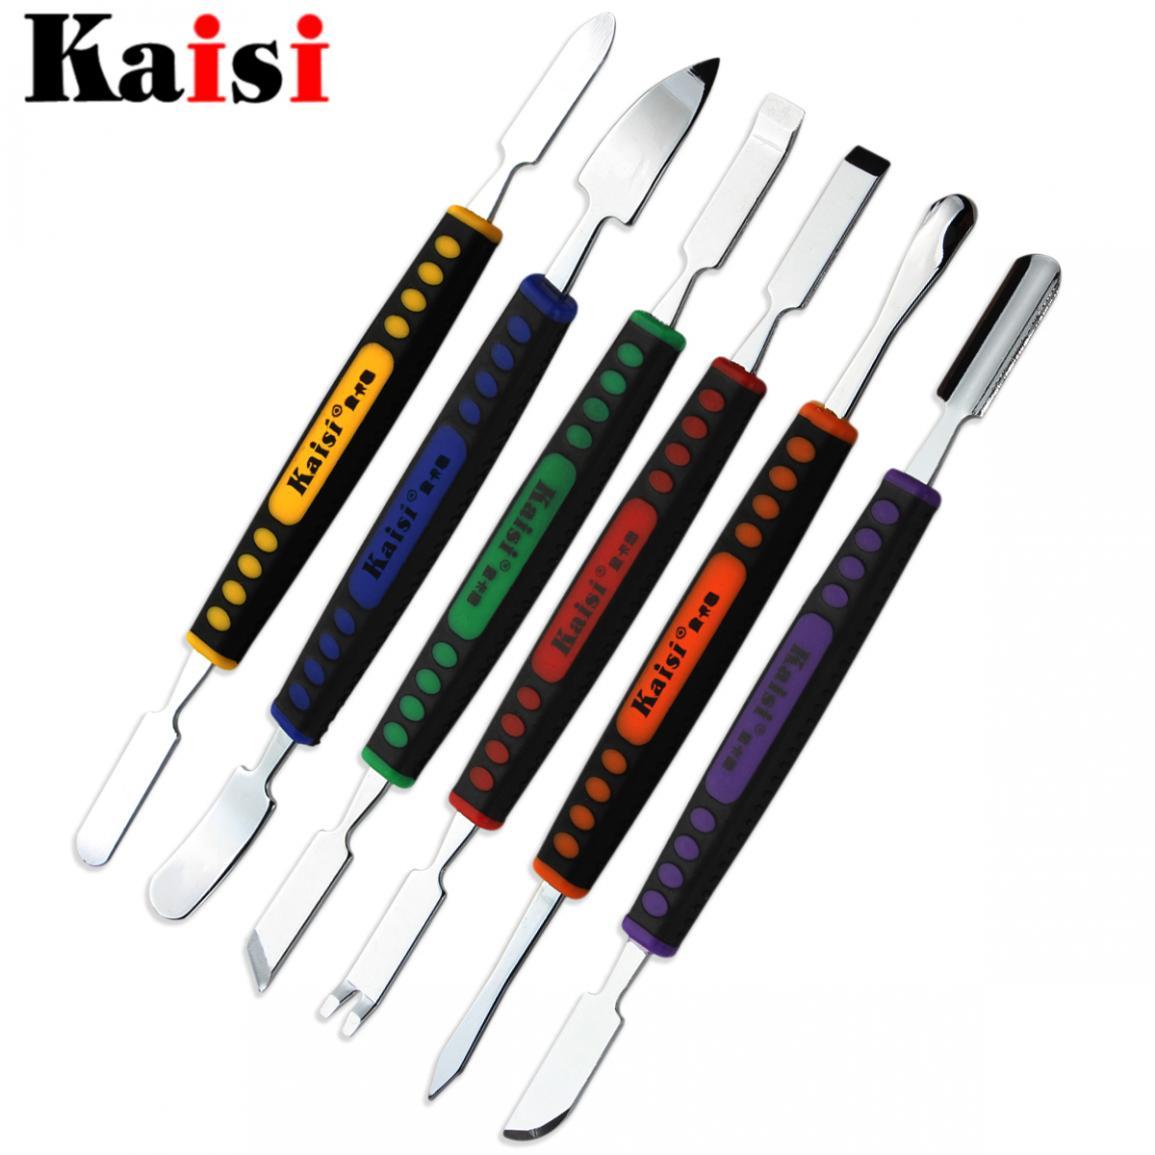 Juego de 6 piezas Kaisi de doble punta de Metal Spudger, Kit de herramientas de reparación de mano de apertura para iPhone, iPad, tableta, teléfono móvil